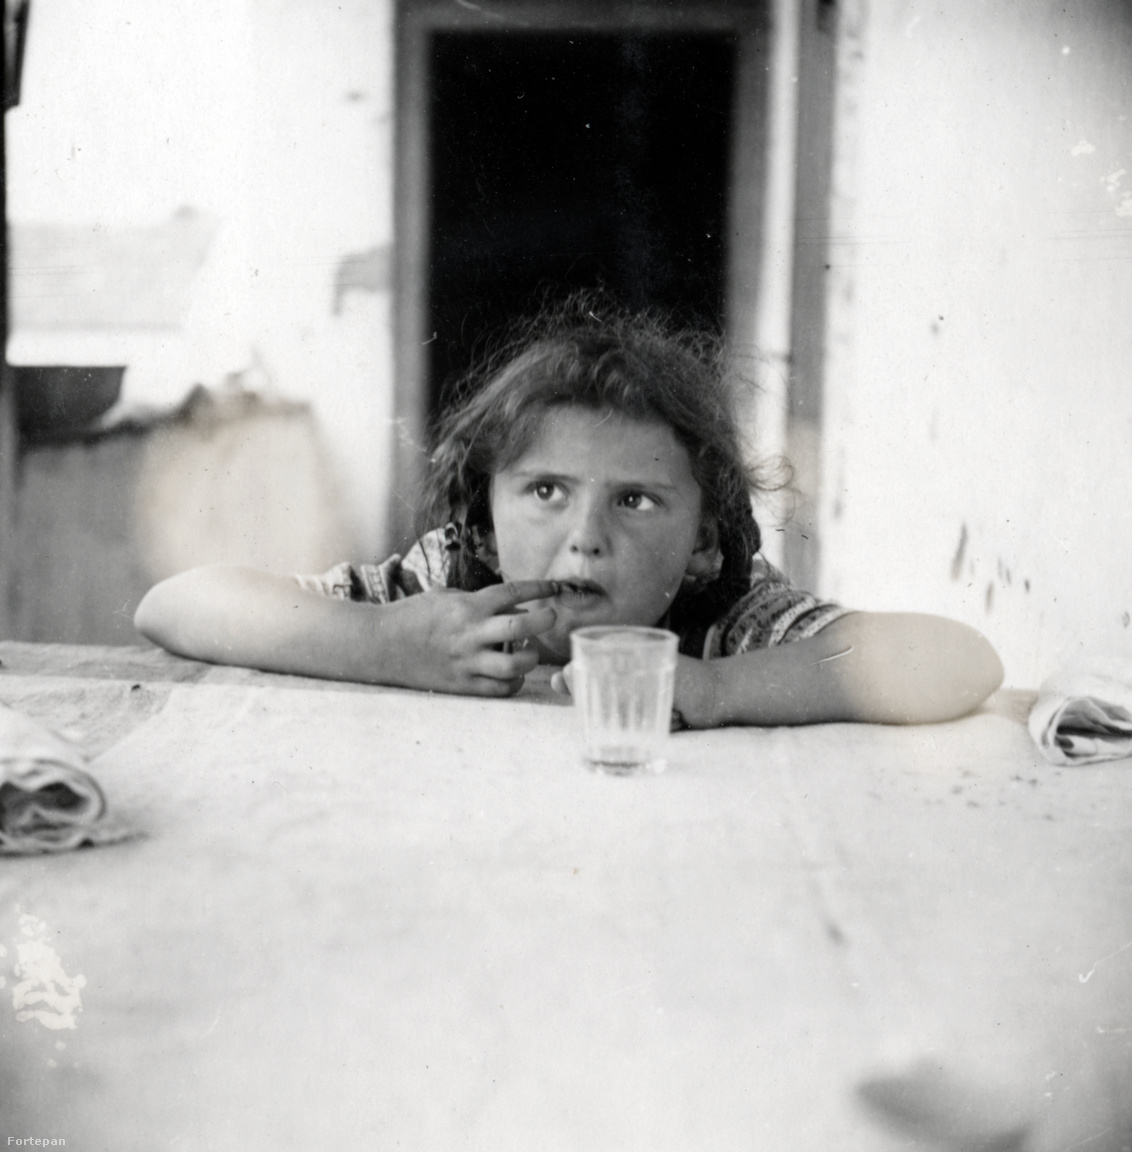 """Vakáción Hévmagyarádon (ma Szlovákia).Kinszki Imre apai nagyszüleinek Ipolyság (ma Sahy, Szlovákia) mellett volt földbirtokuk. A Felvidék 1938-as visszacsatolása után többször meglátogatták a Hévmagyarádon élő unokatestvéreket. Az intéző házát megkapták egész nyárra, és bár lavórban mosakodtak, pottyantós budira jártak, szerették. Judit szerelmes volt Jancsiba, az unokatestvérébe. """"Nagyon mókásnak tartottam, hogy őt is Kinszkinek hívják, engem is, és ha megkérdezik, akkor az apáink neve is ugyanaz."""""""